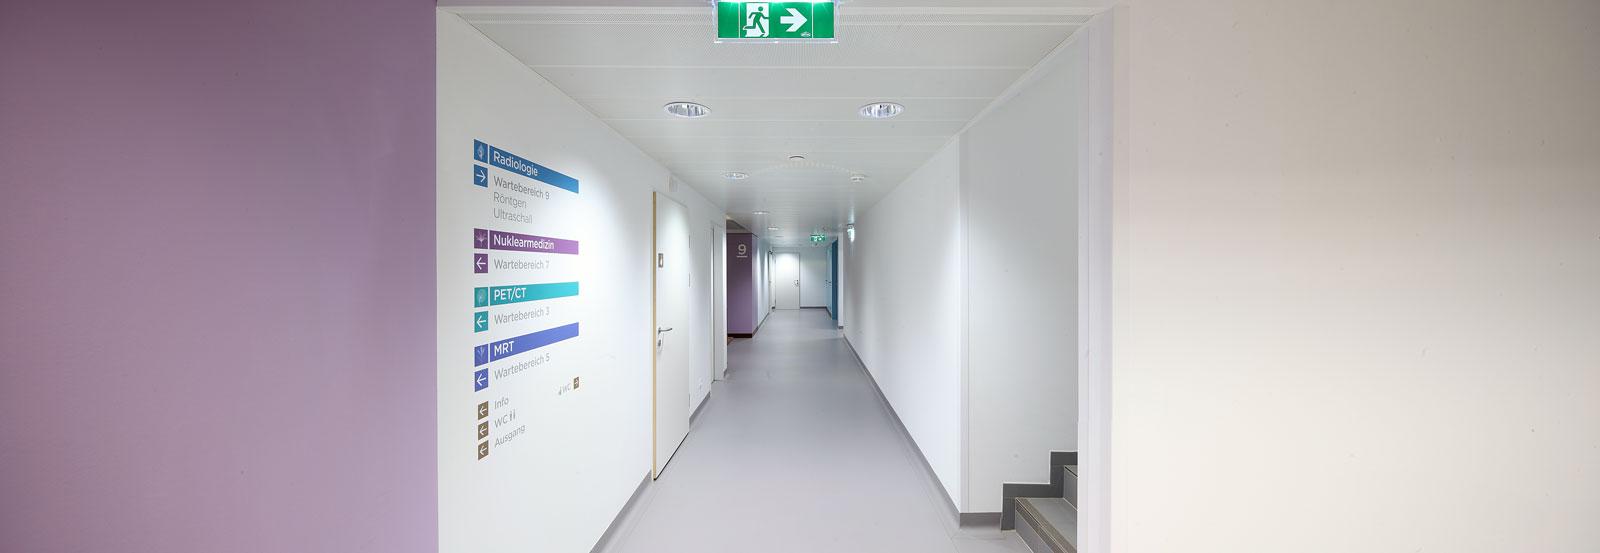 Radiology Center - moderne Räumlichkeiten